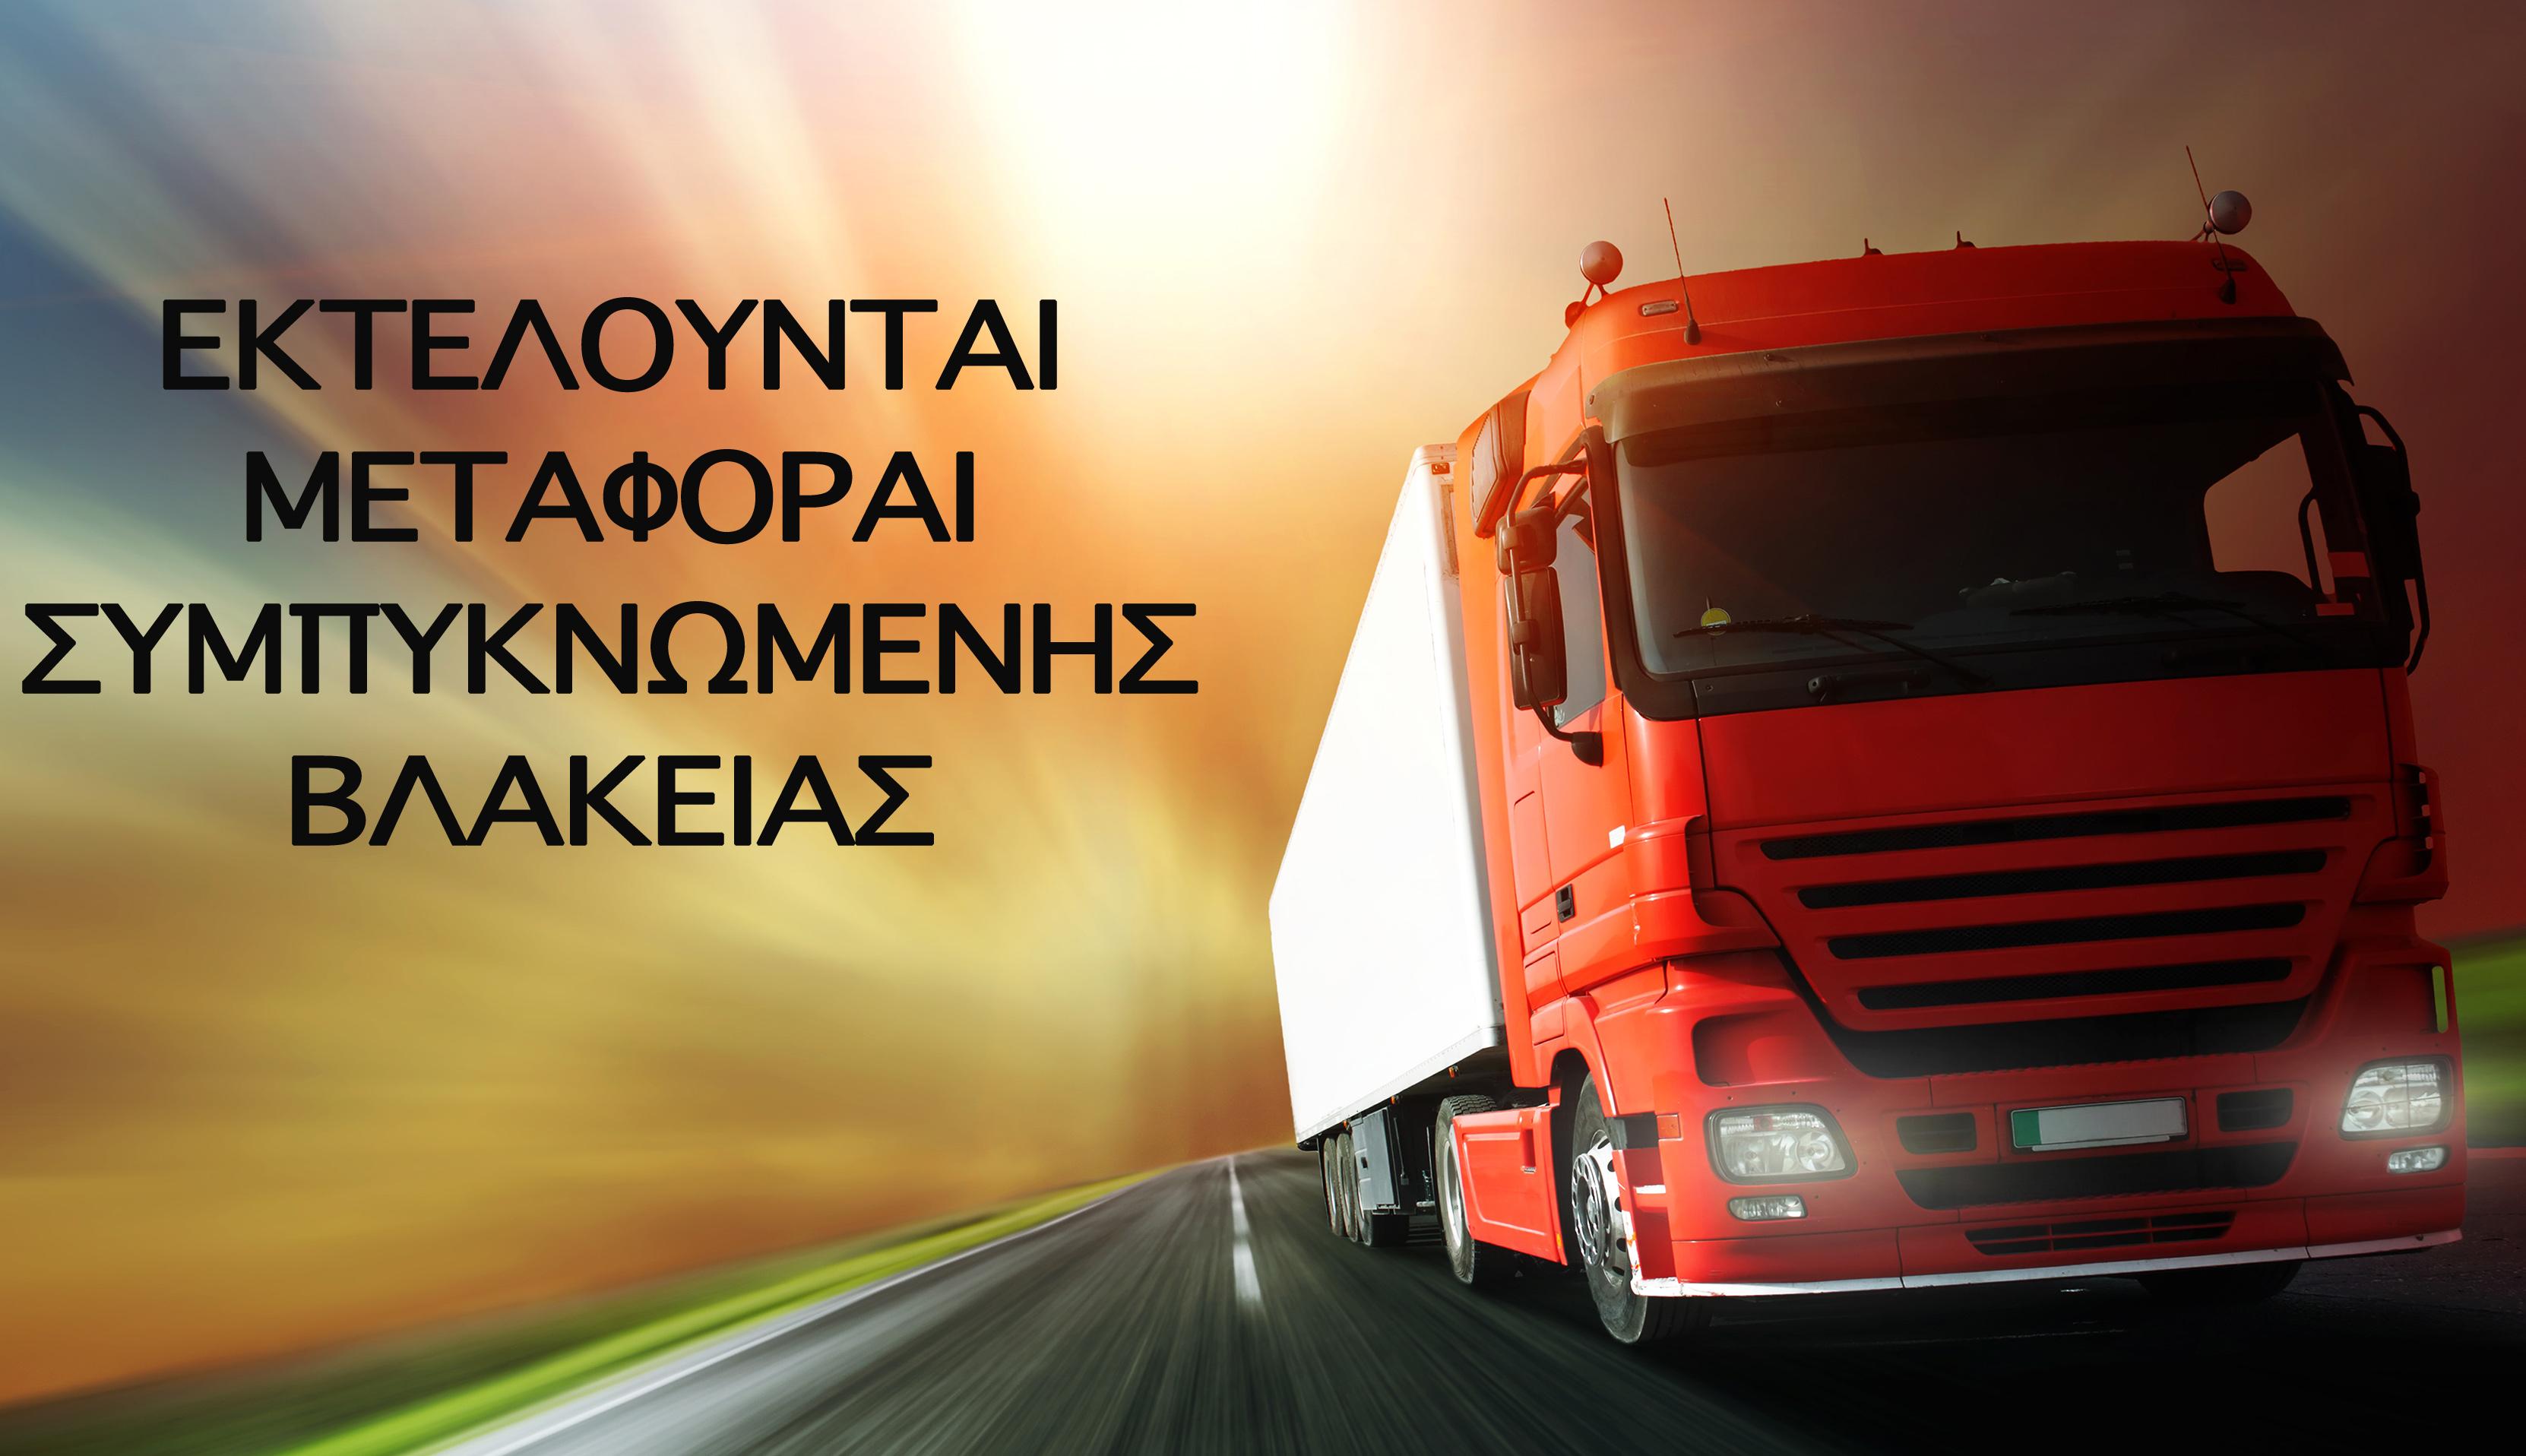 картинки грузовых машин на визитки точно всегда можно